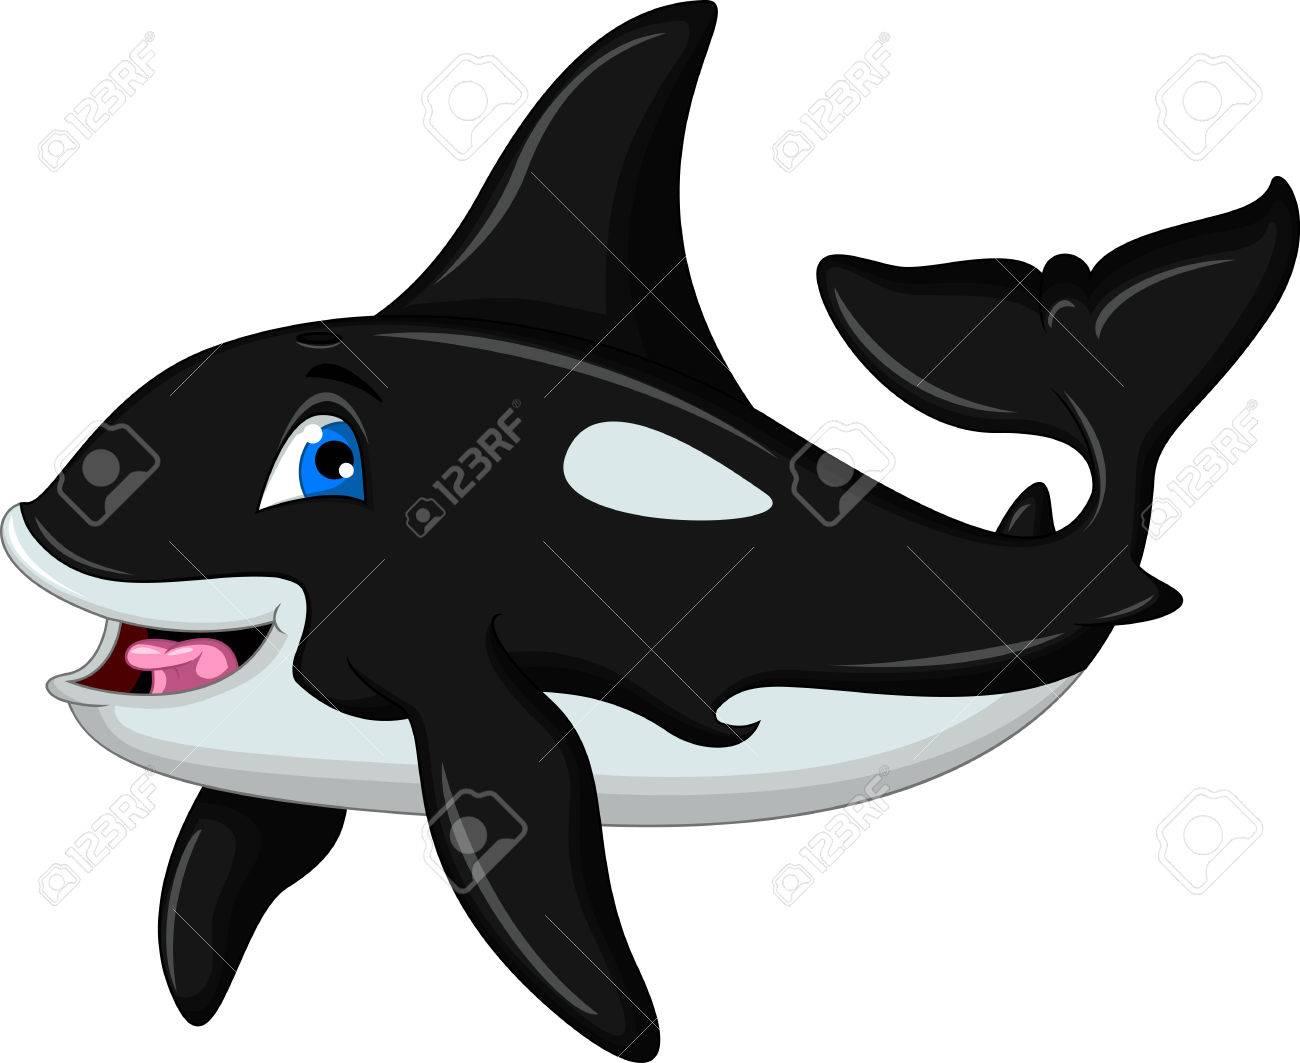 Orca Whale Cartoon Vector - killer whale cartoon